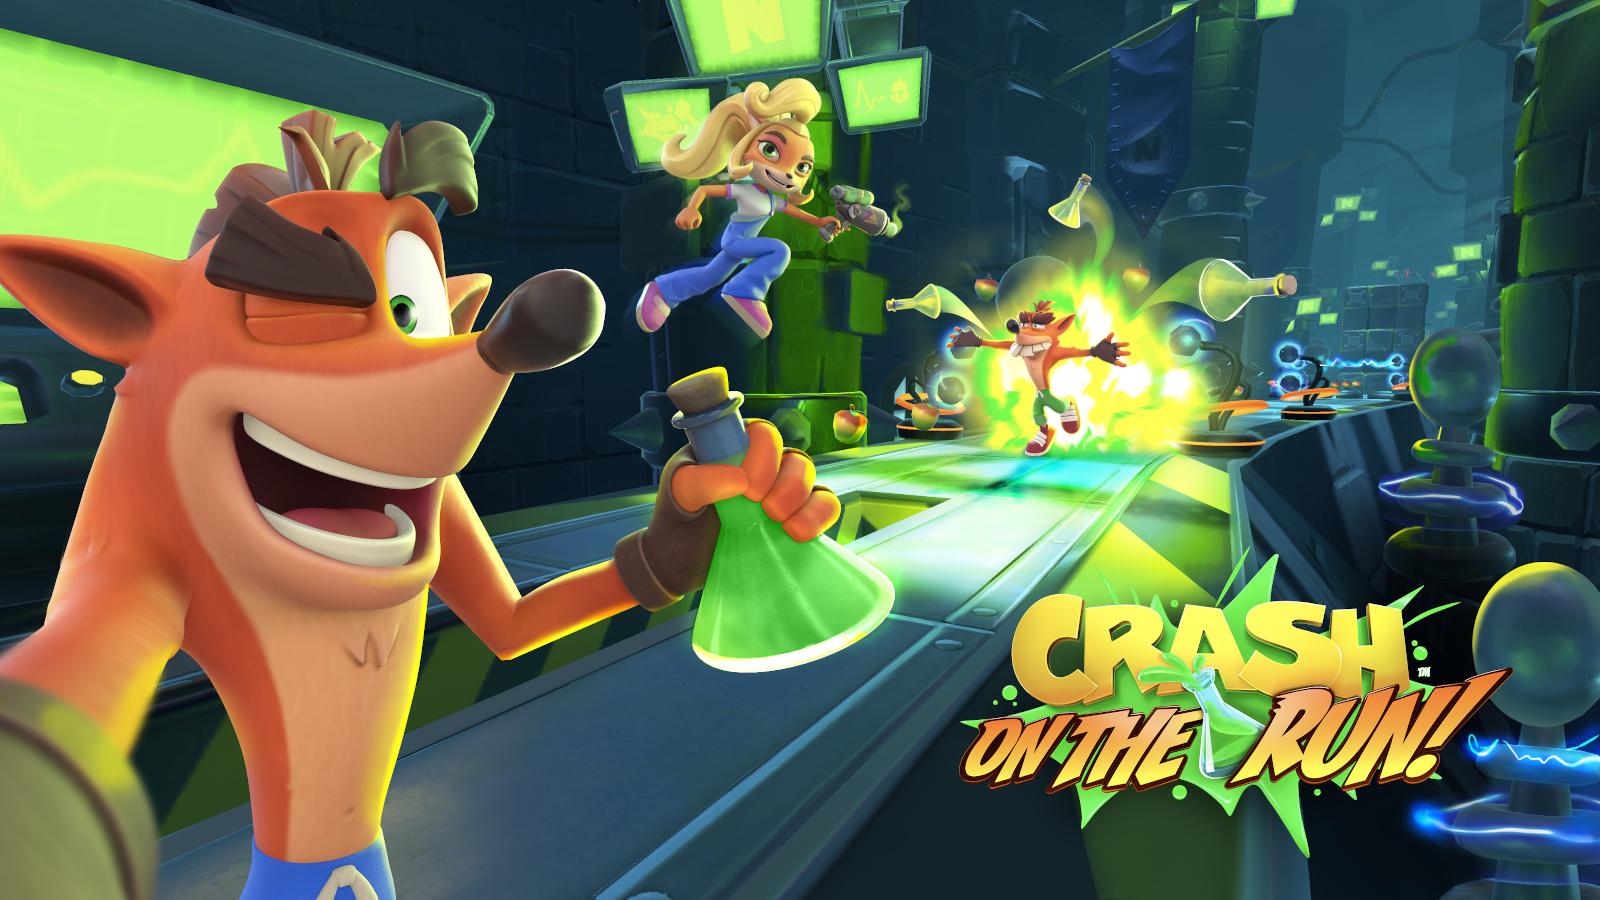 Crash Bandicoot Mod Apk Download